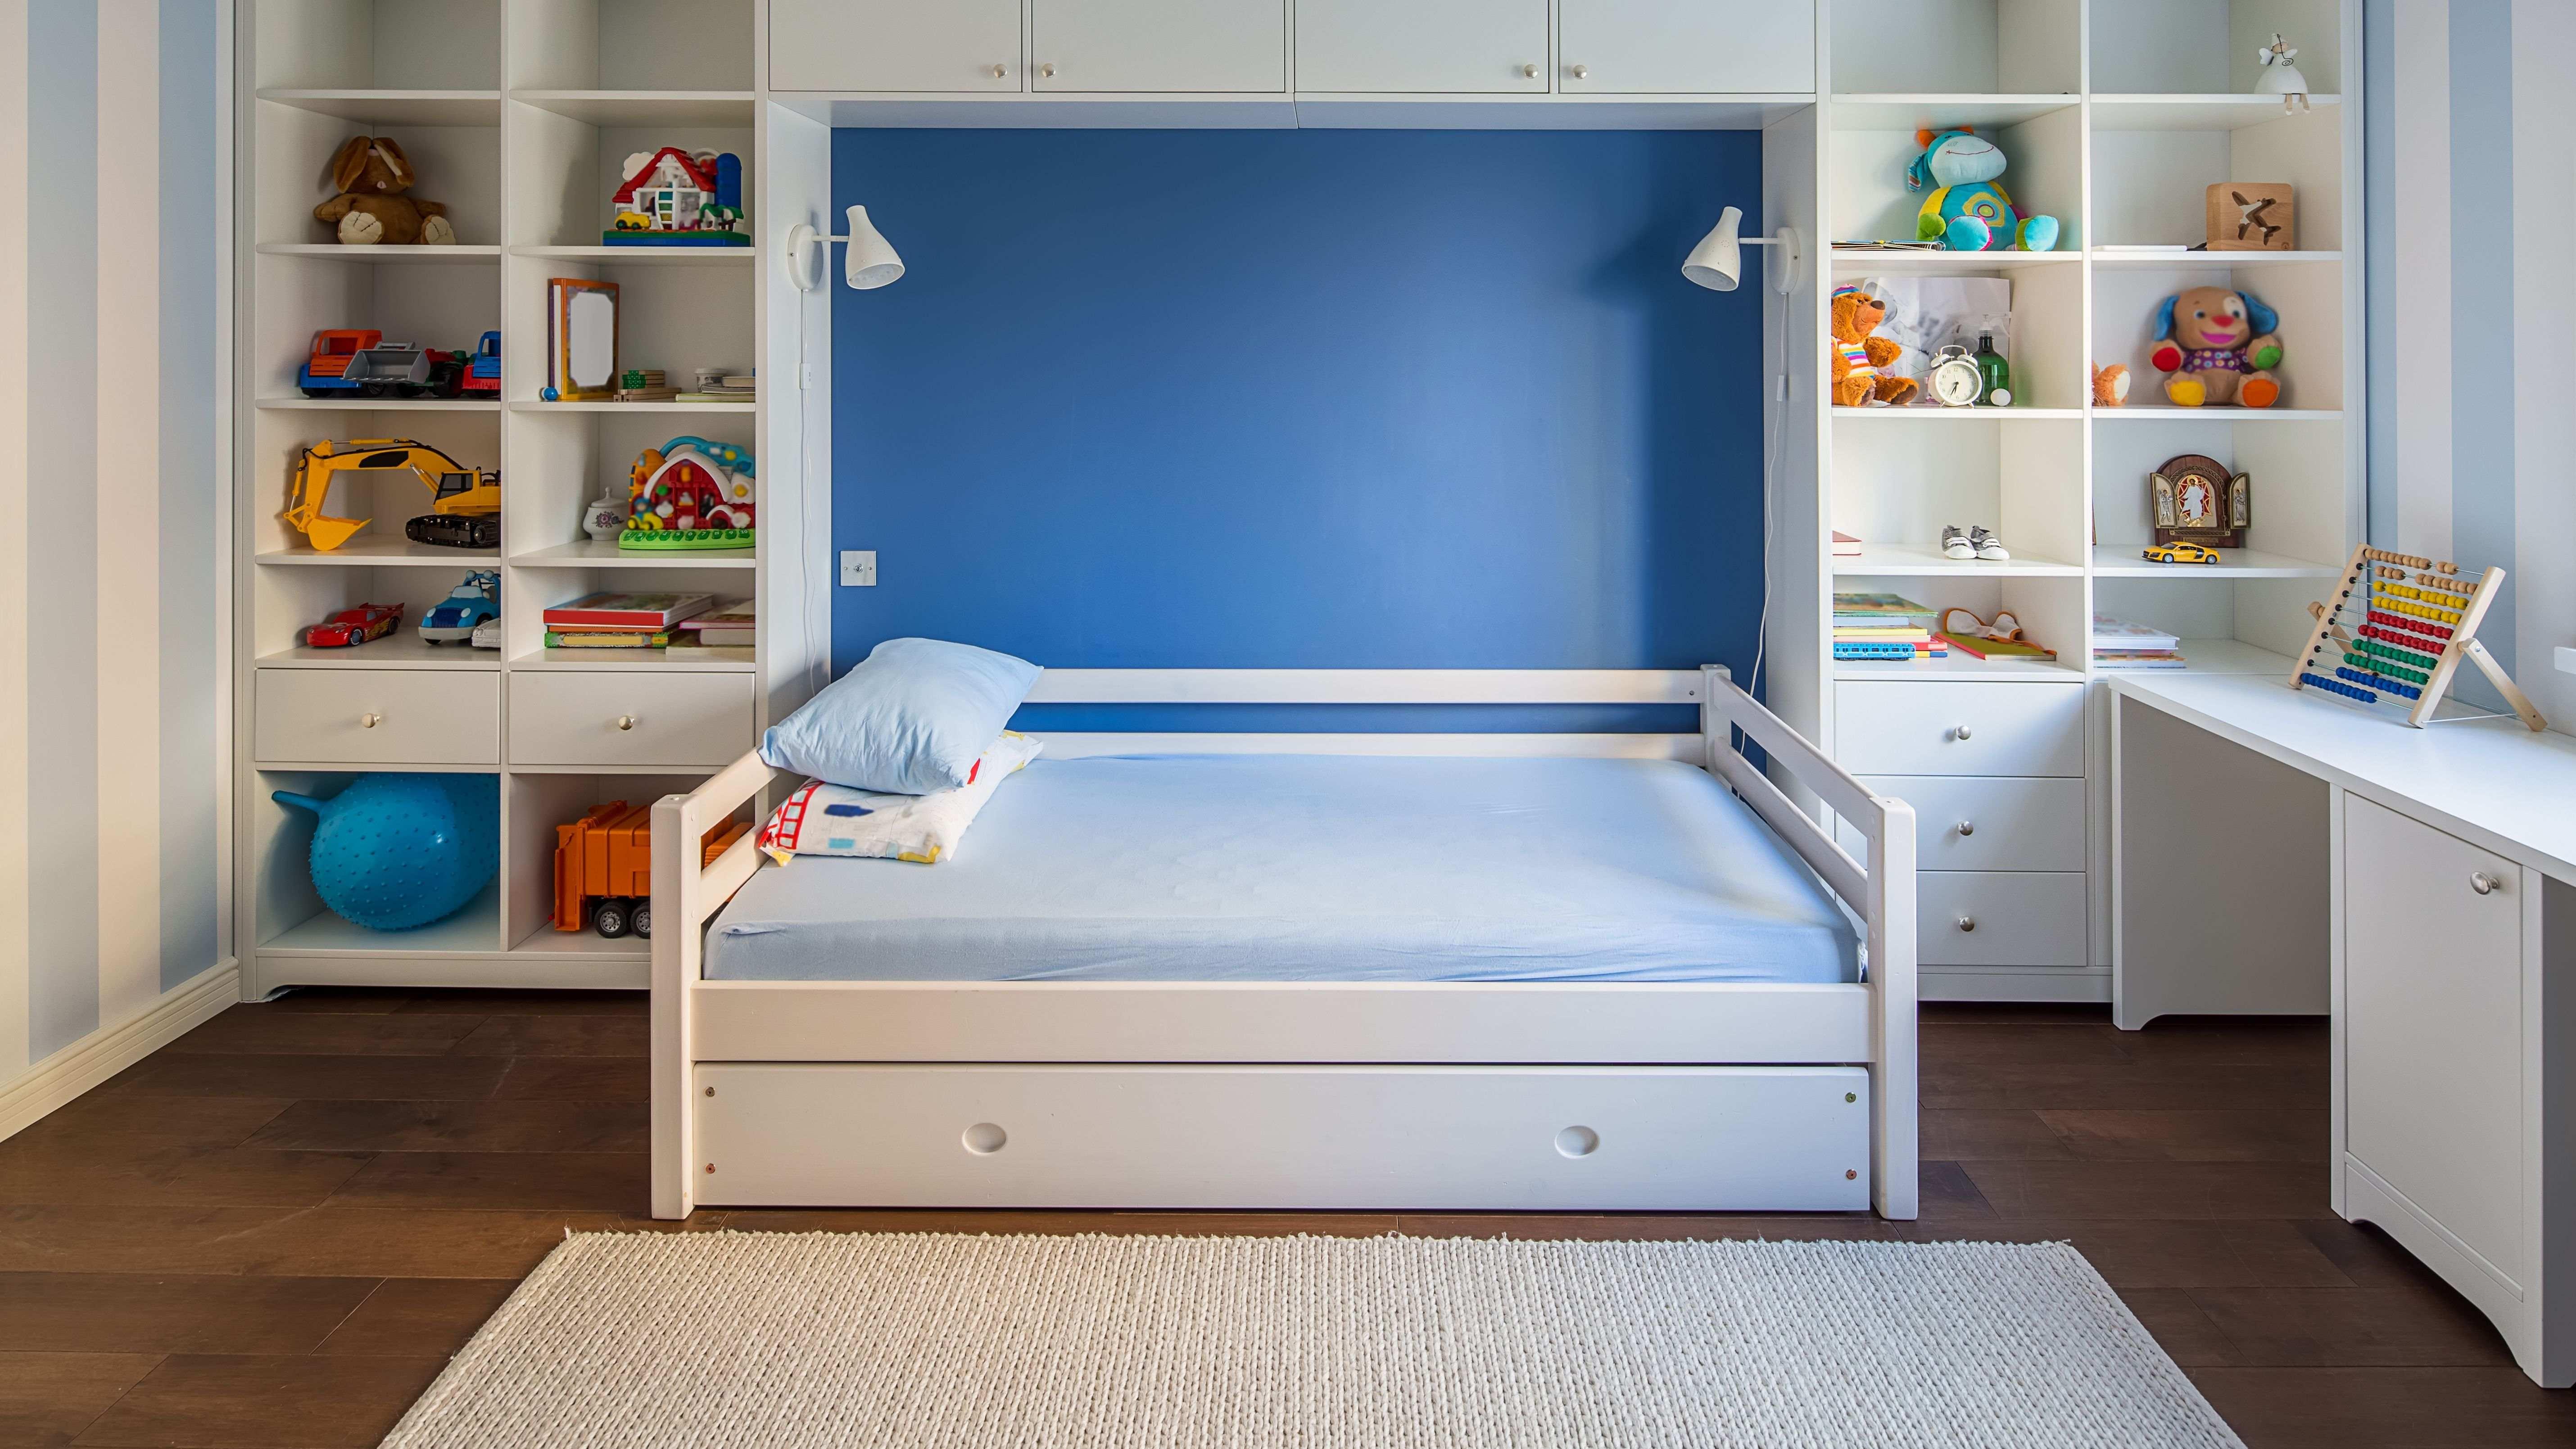 Come scegliere un lettino per bambini